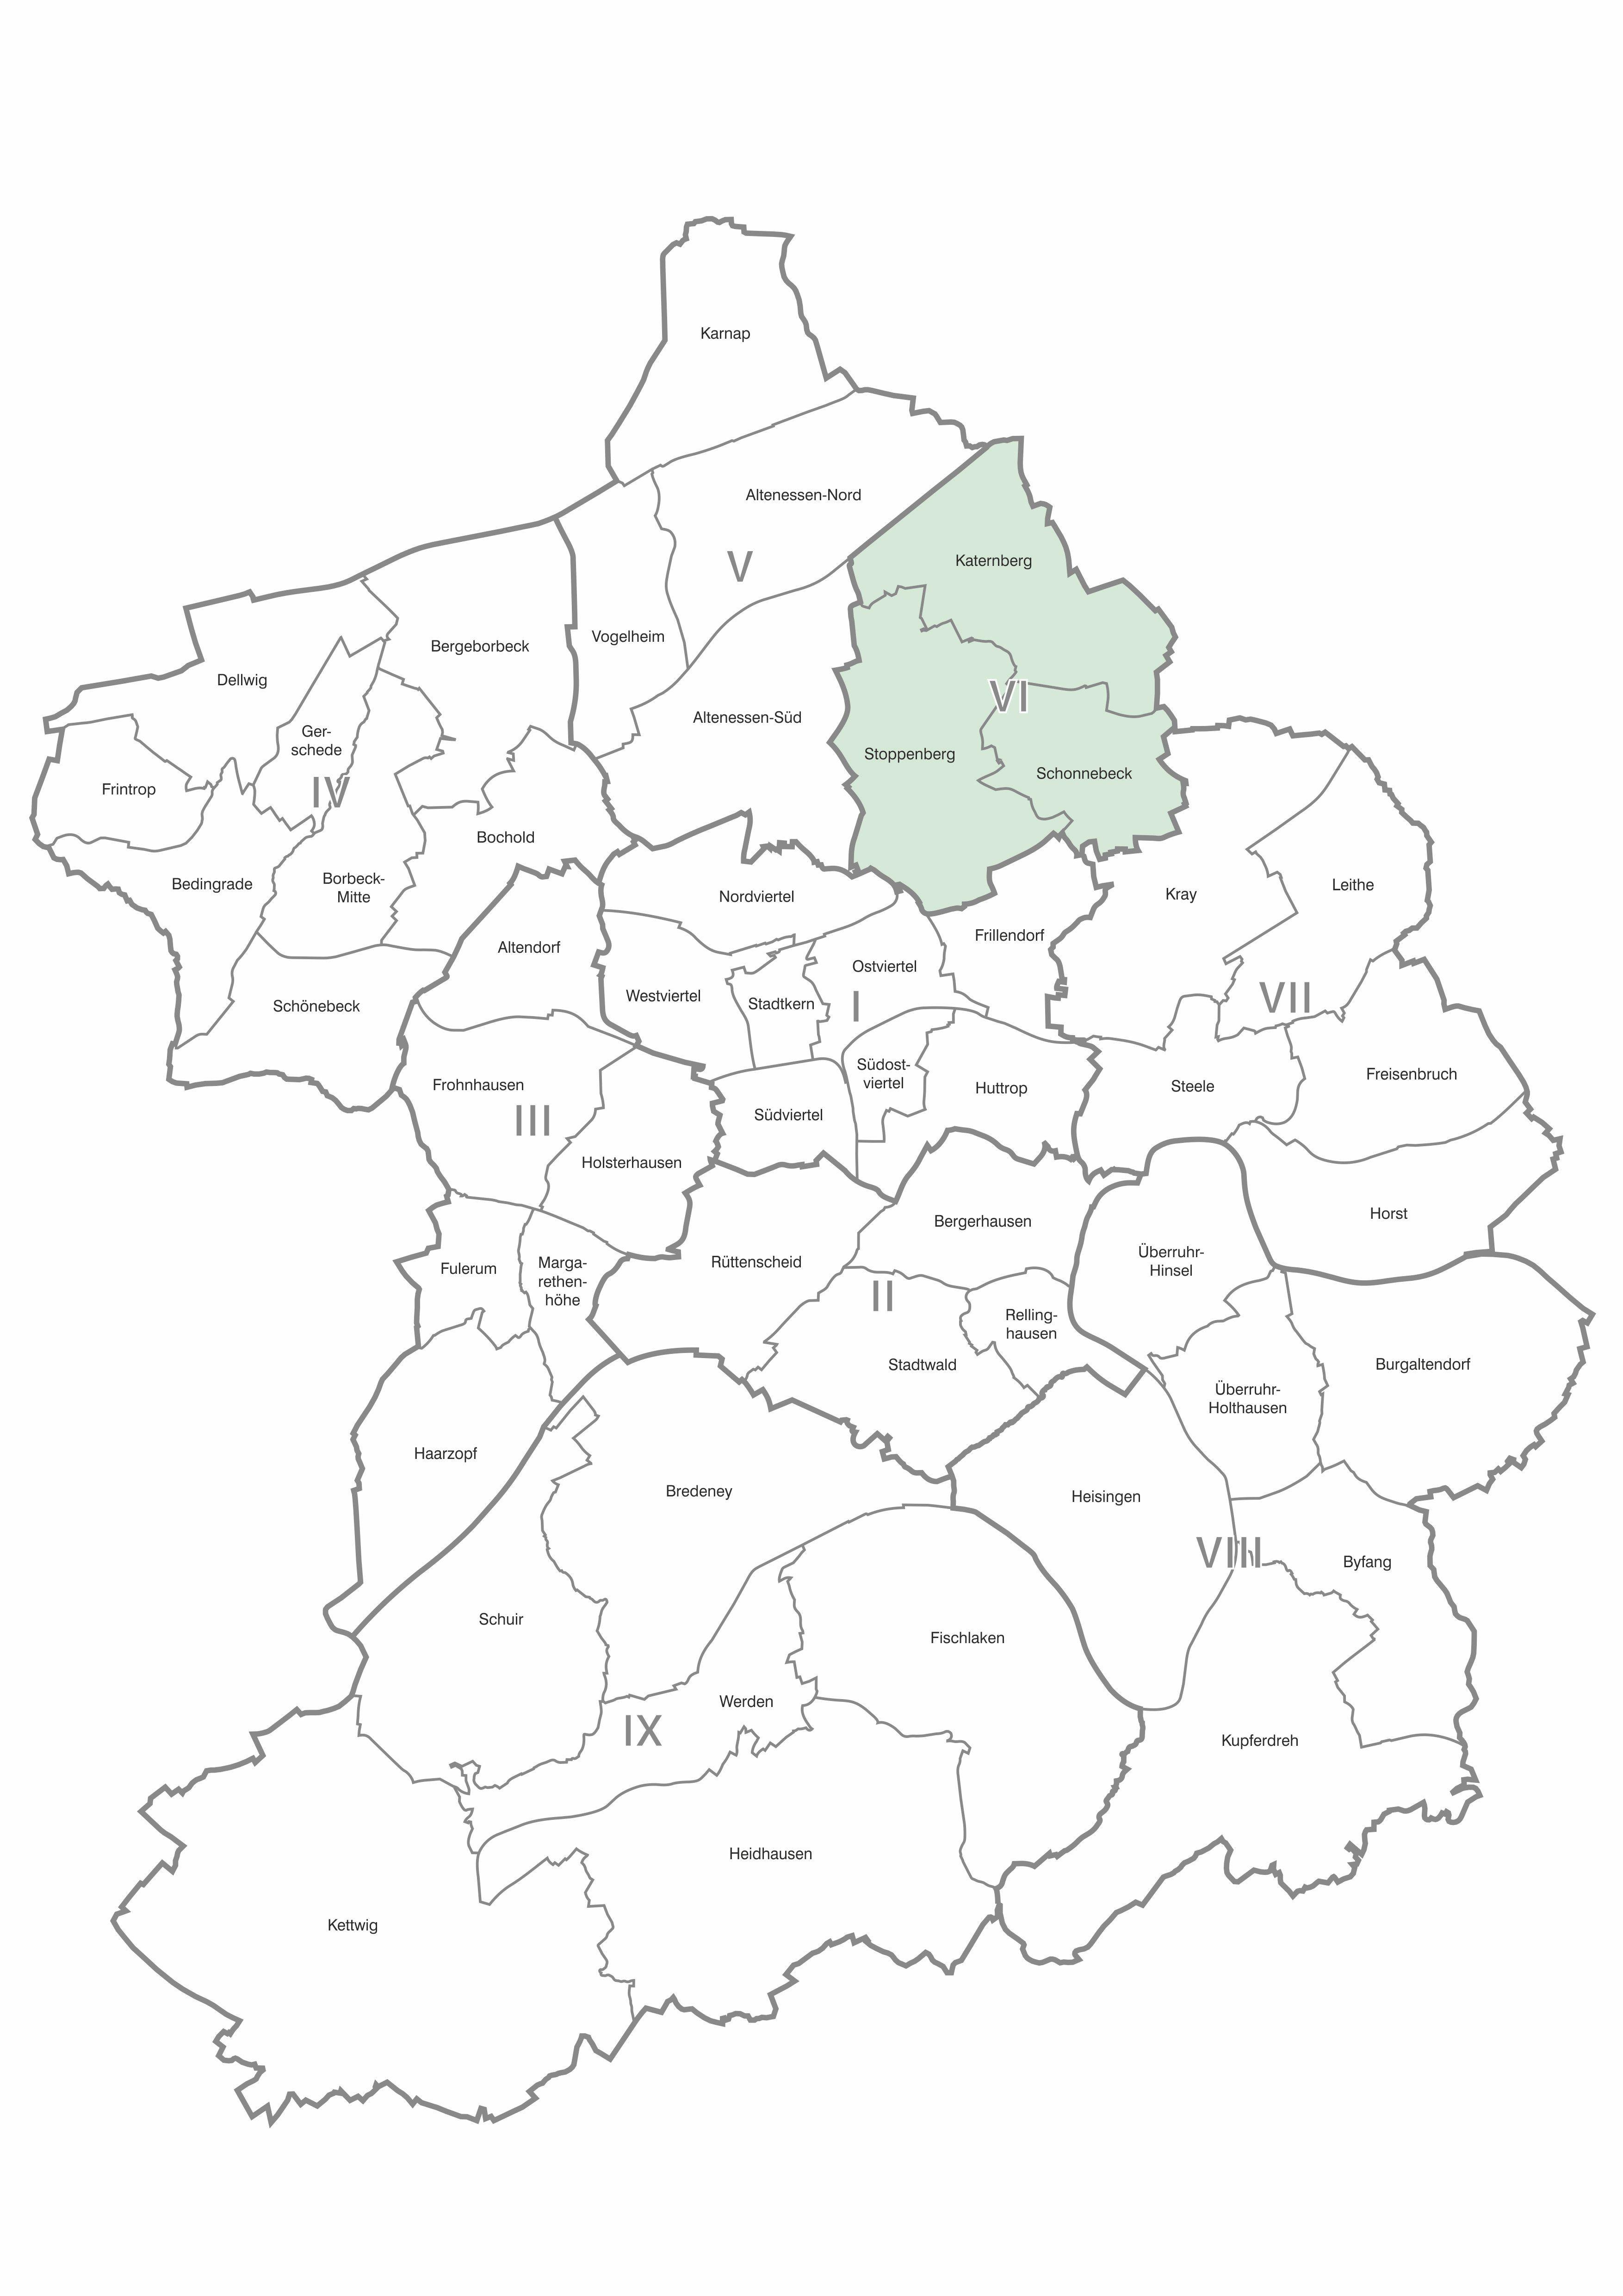 Karte der Stadtteile und Bezirke Essen, Bezirk 6